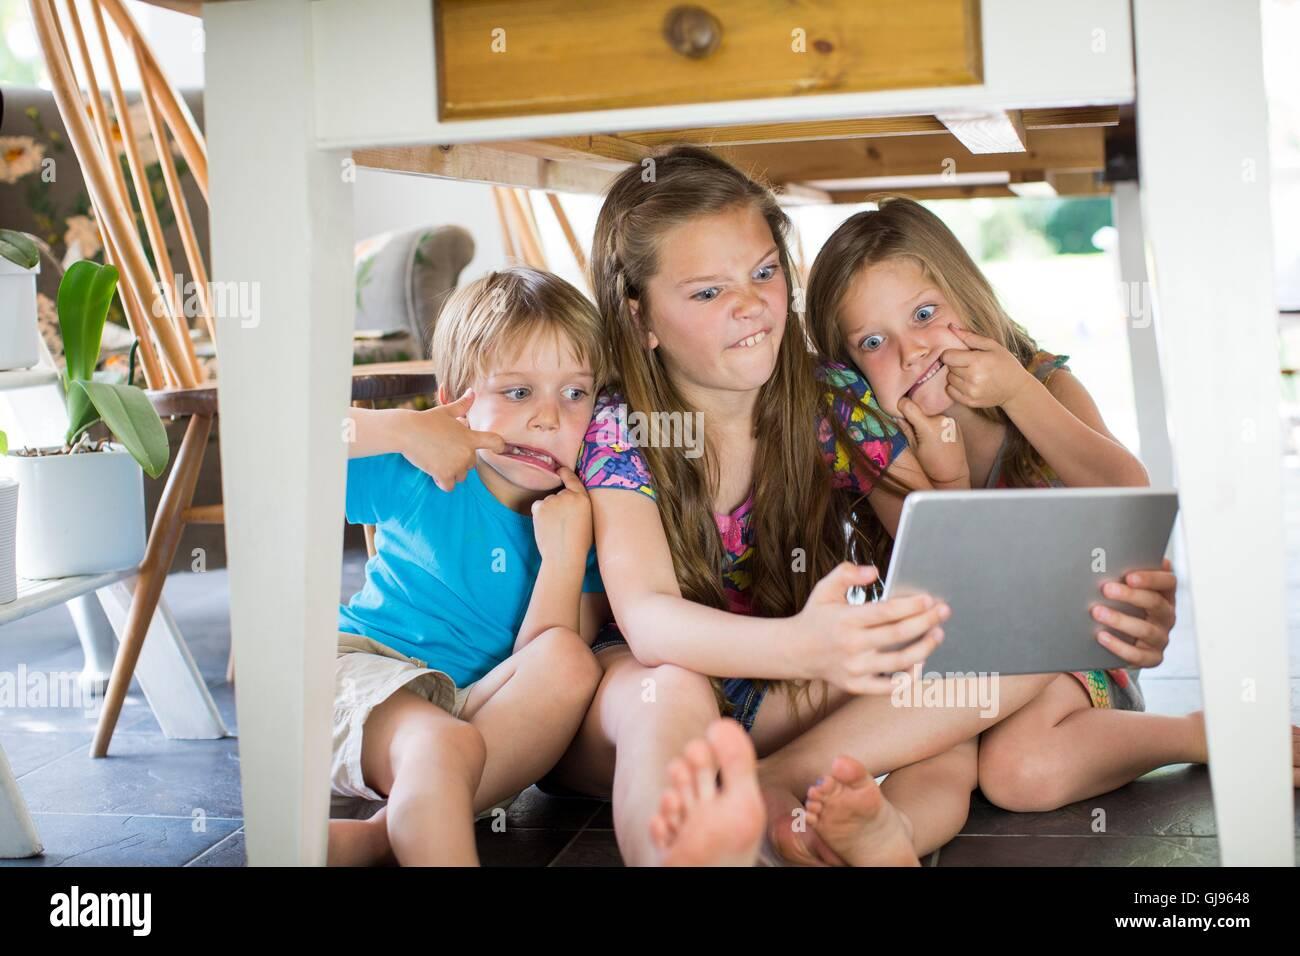 EIGENTUM FREIGEGEBEN. -MODELL VERÖFFENTLICHT. Drei Geschwister unter Tisch mit digital-Tablette. Stockbild